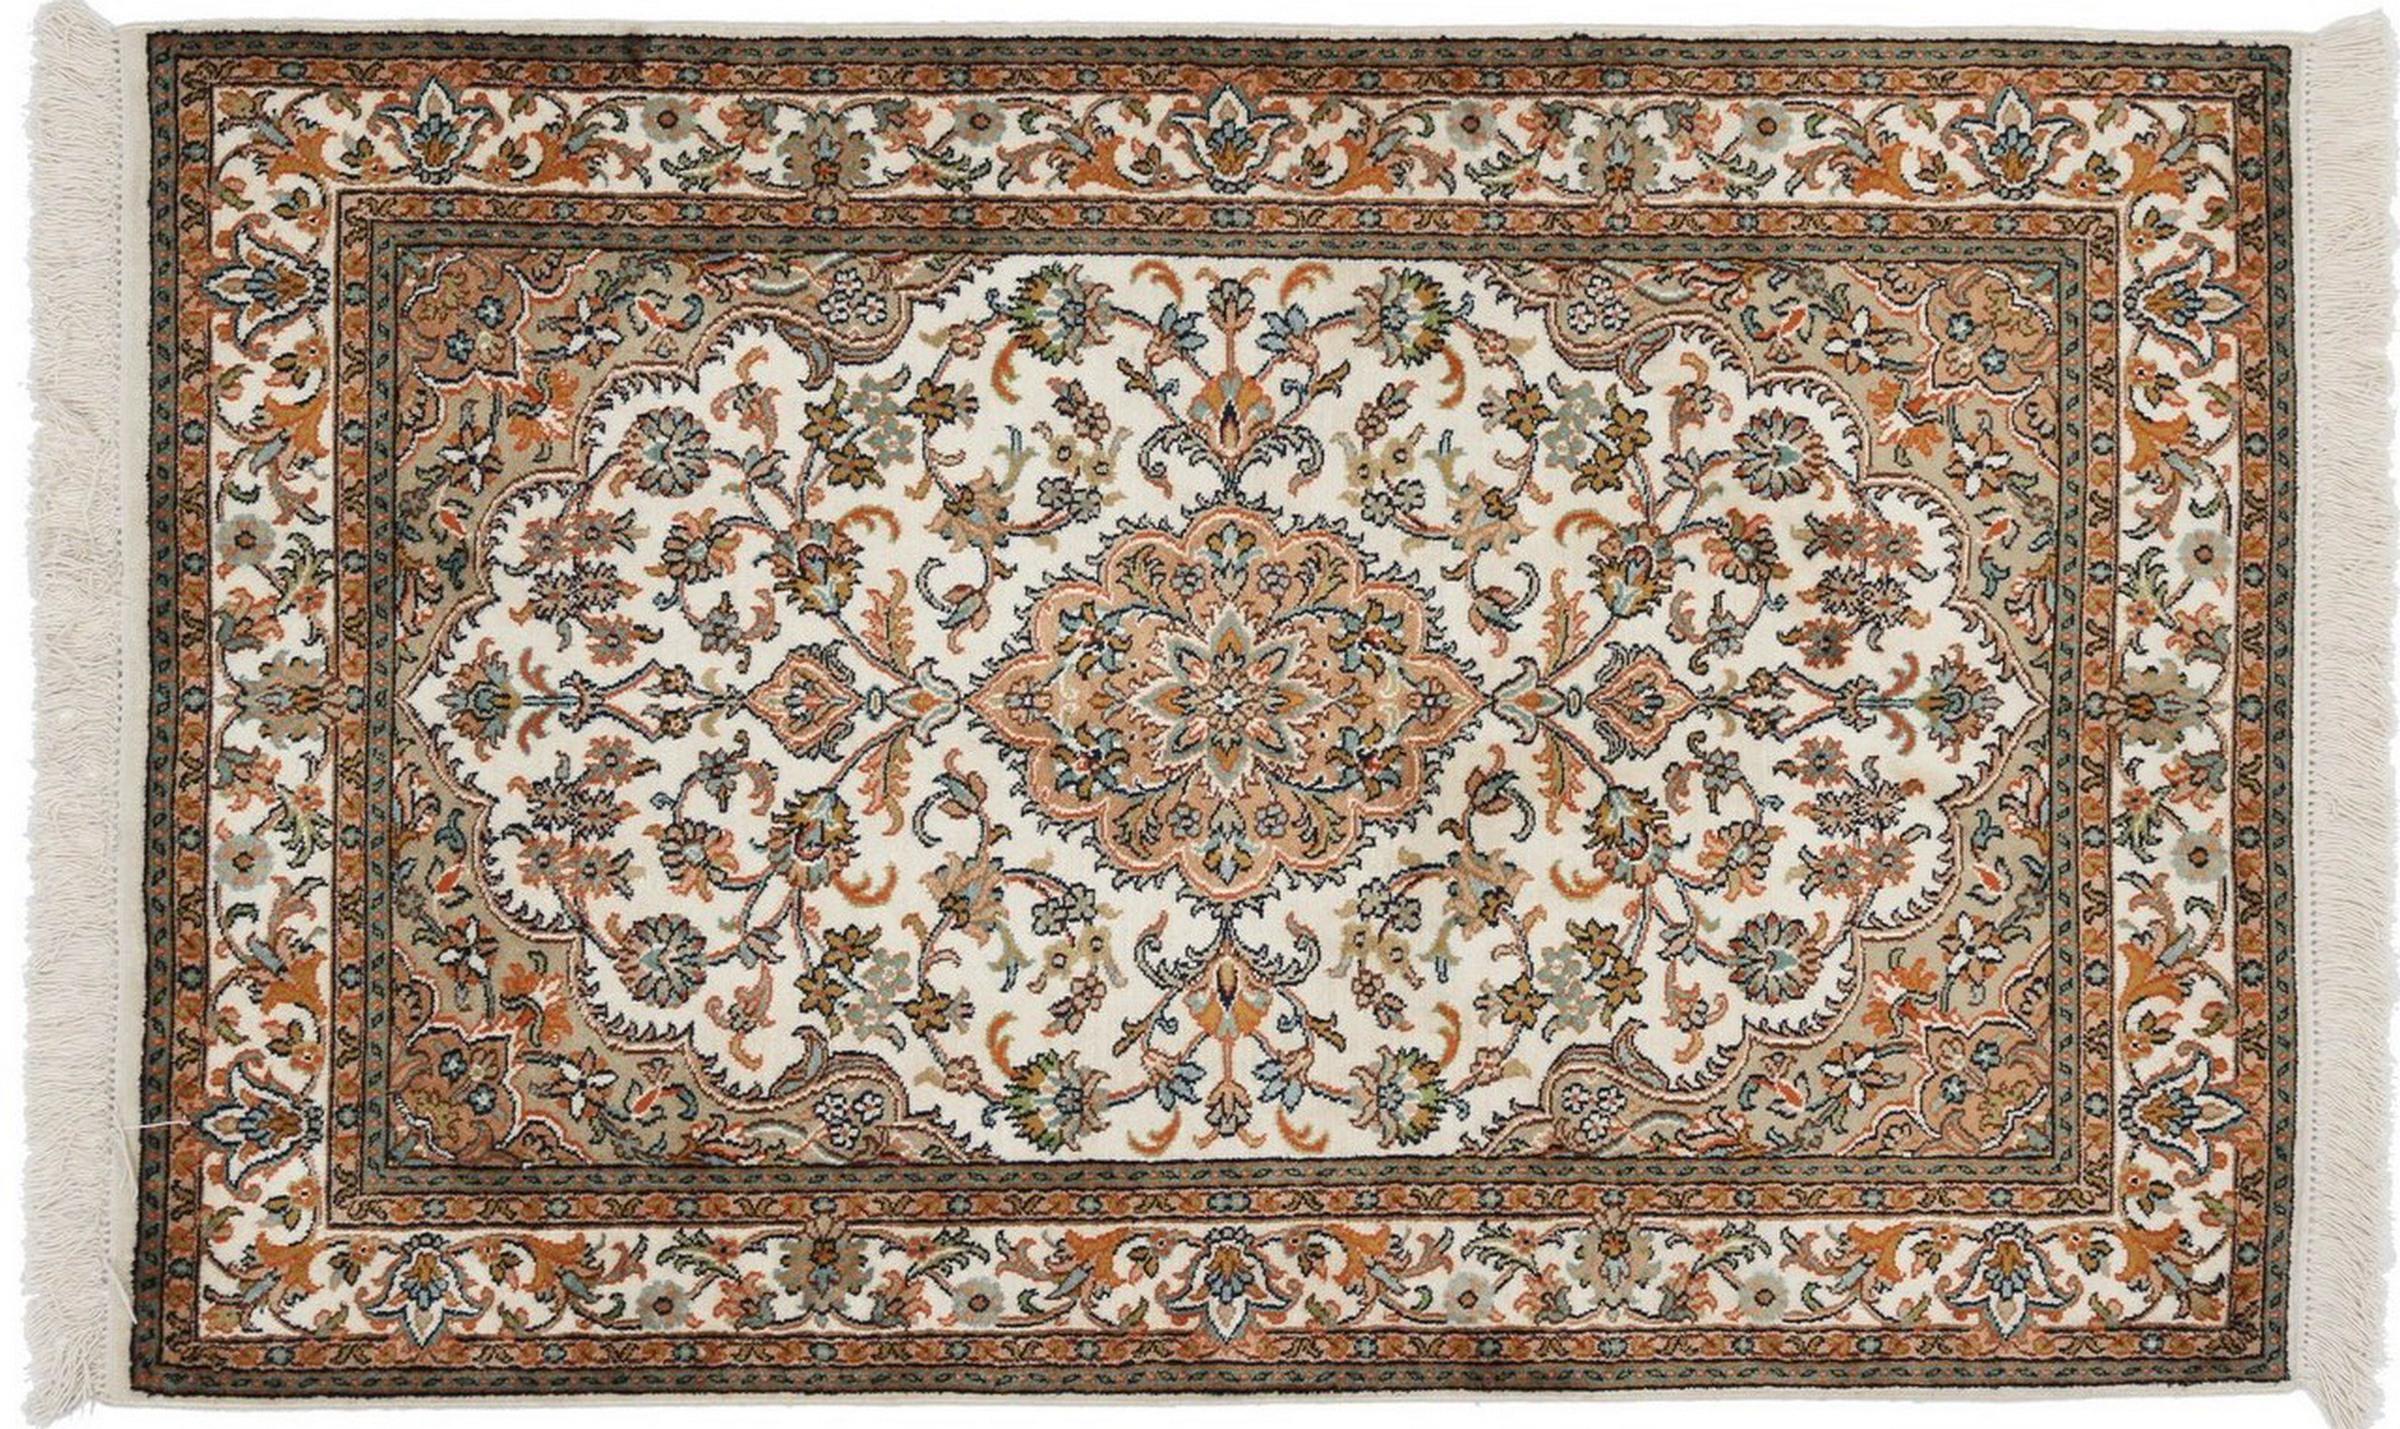 kaschmir reine seide indischer teppich 128x81 id20064. Black Bedroom Furniture Sets. Home Design Ideas